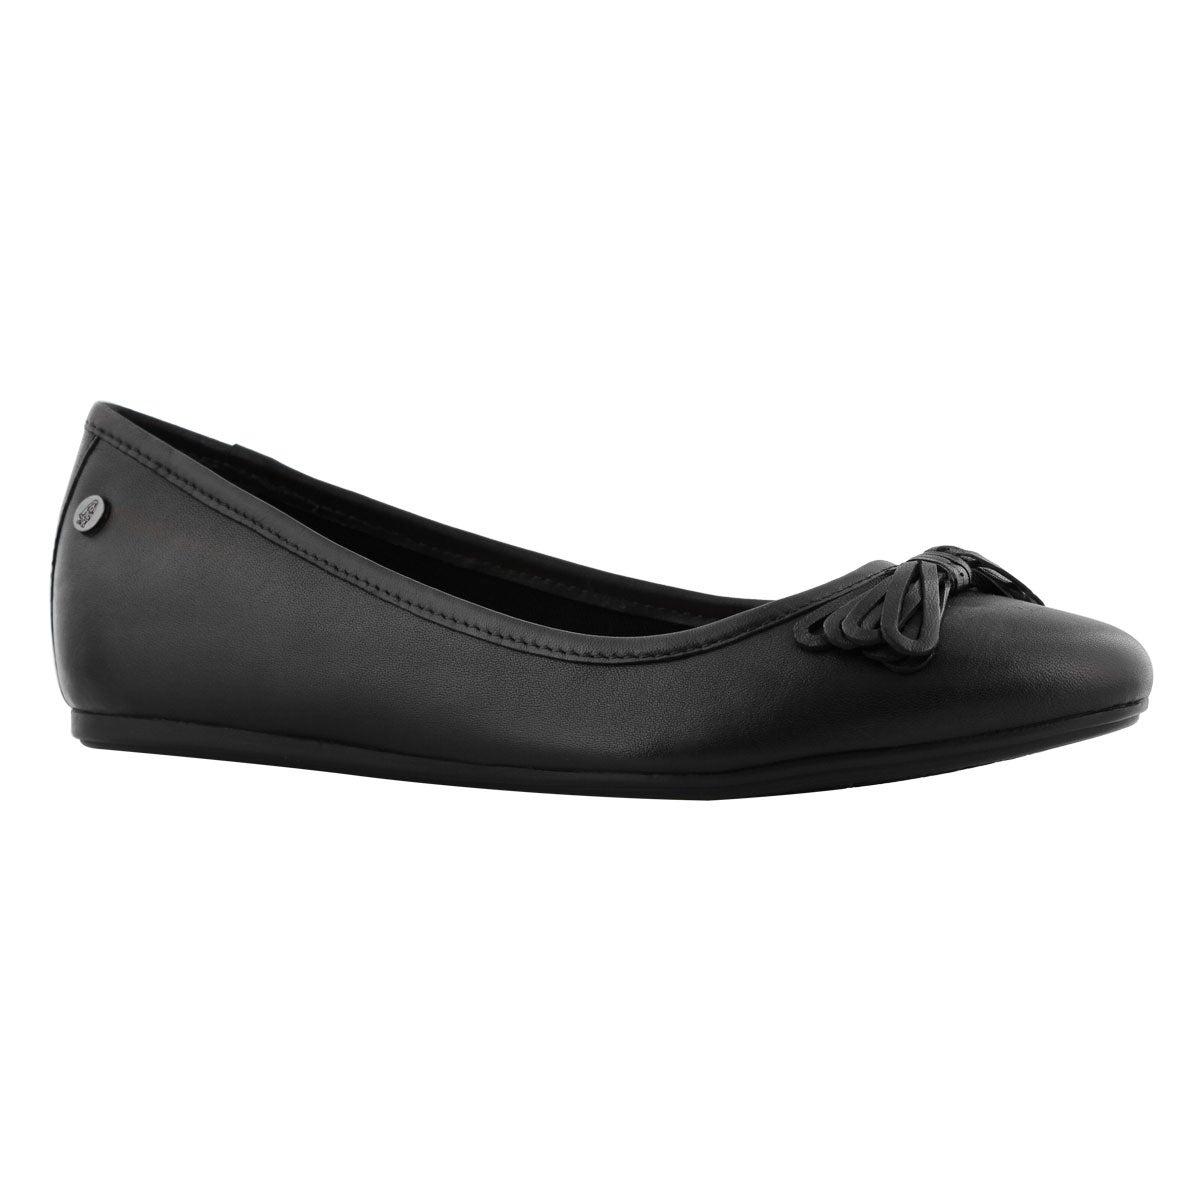 Lds Heather Bow Ballet black flat